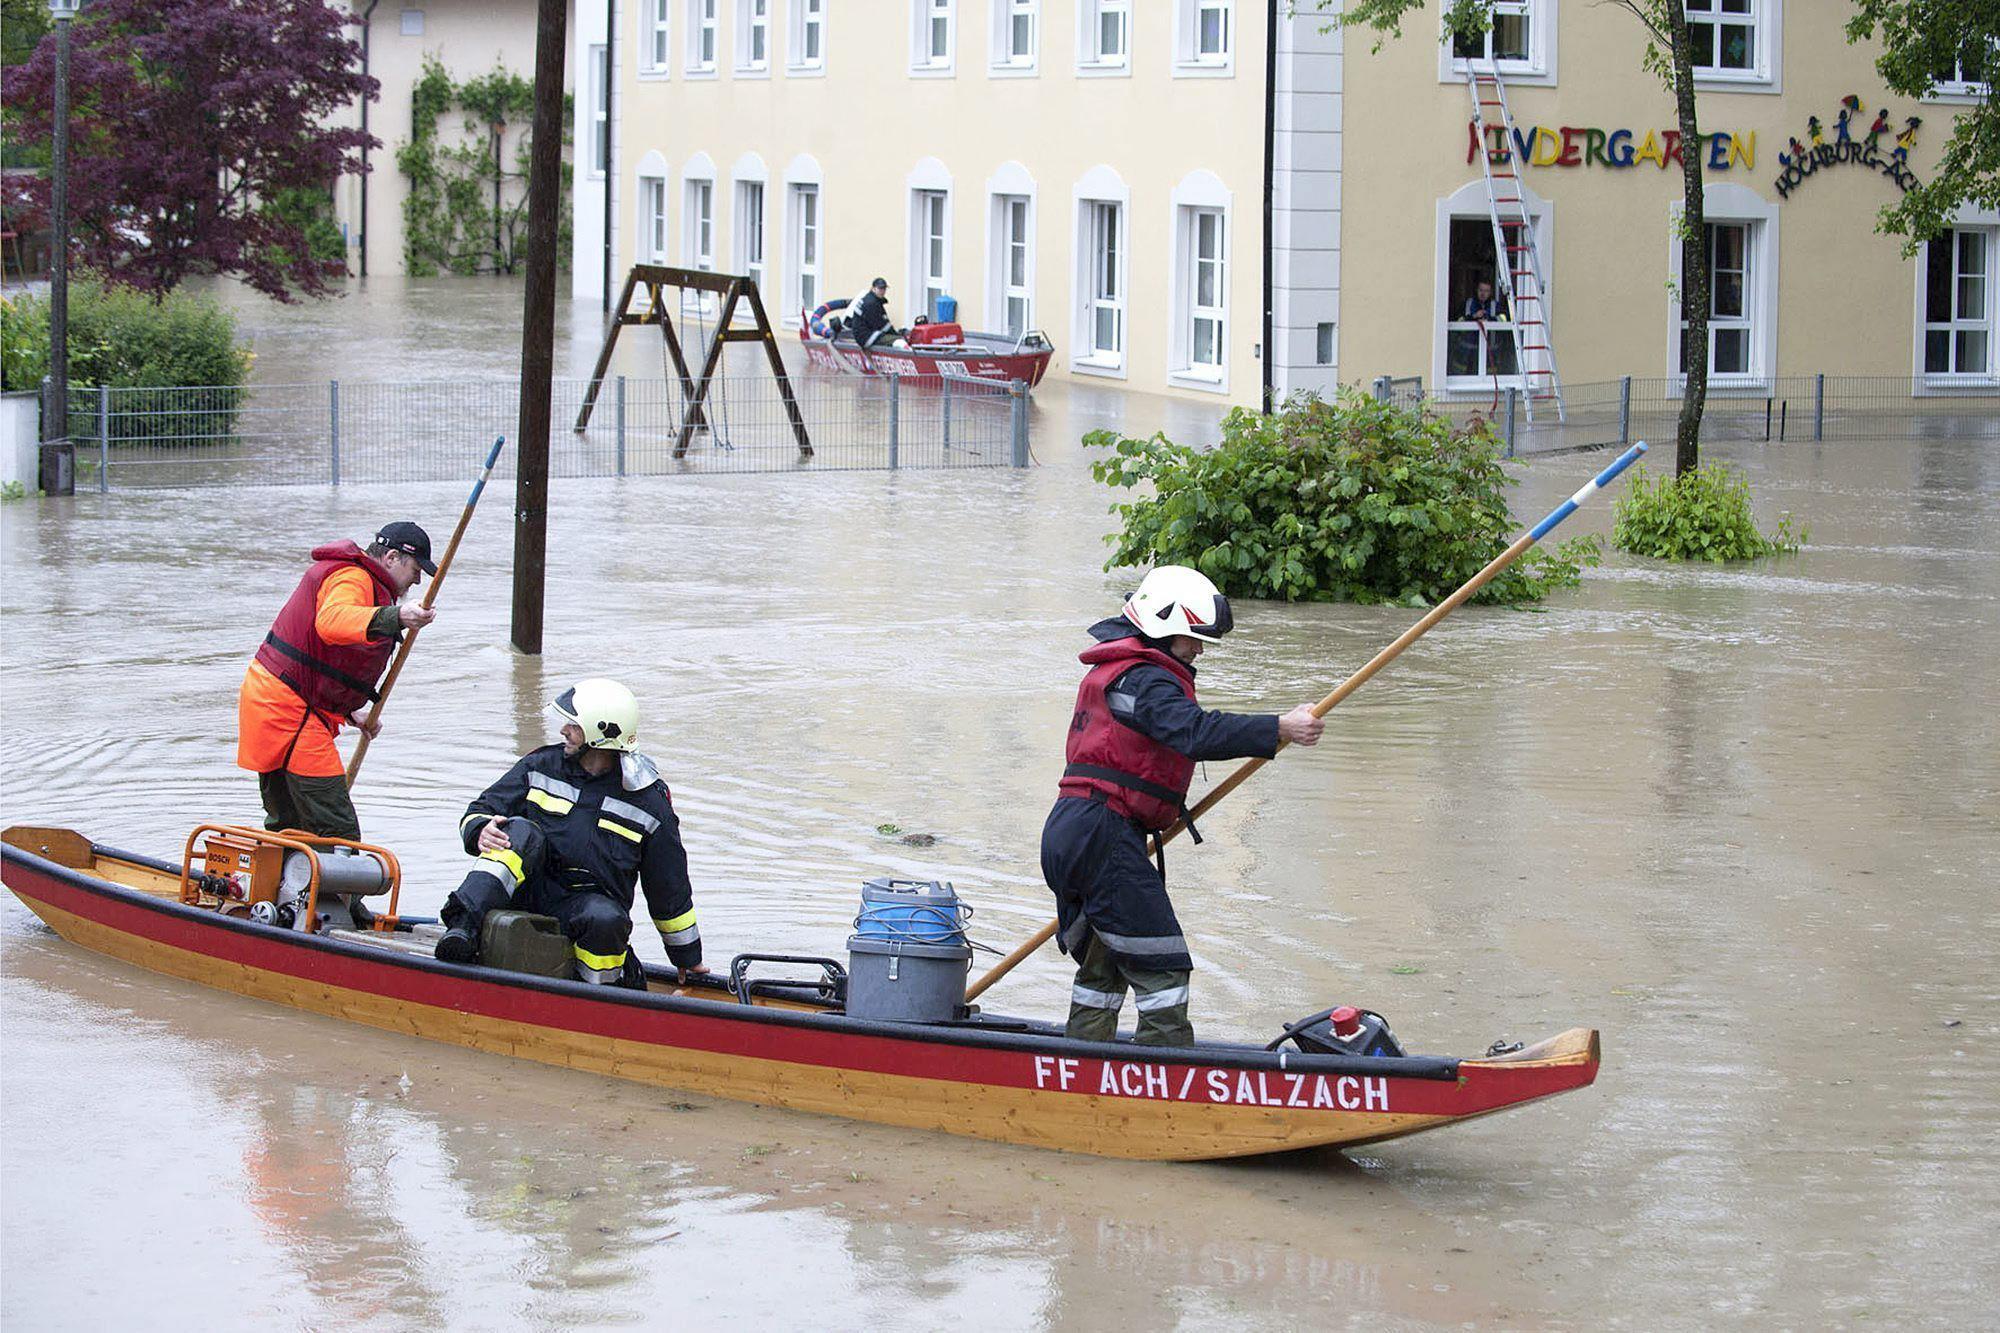 Las inundaciones en Alemania llegan a los 12 metros, superando los niveles de 1954